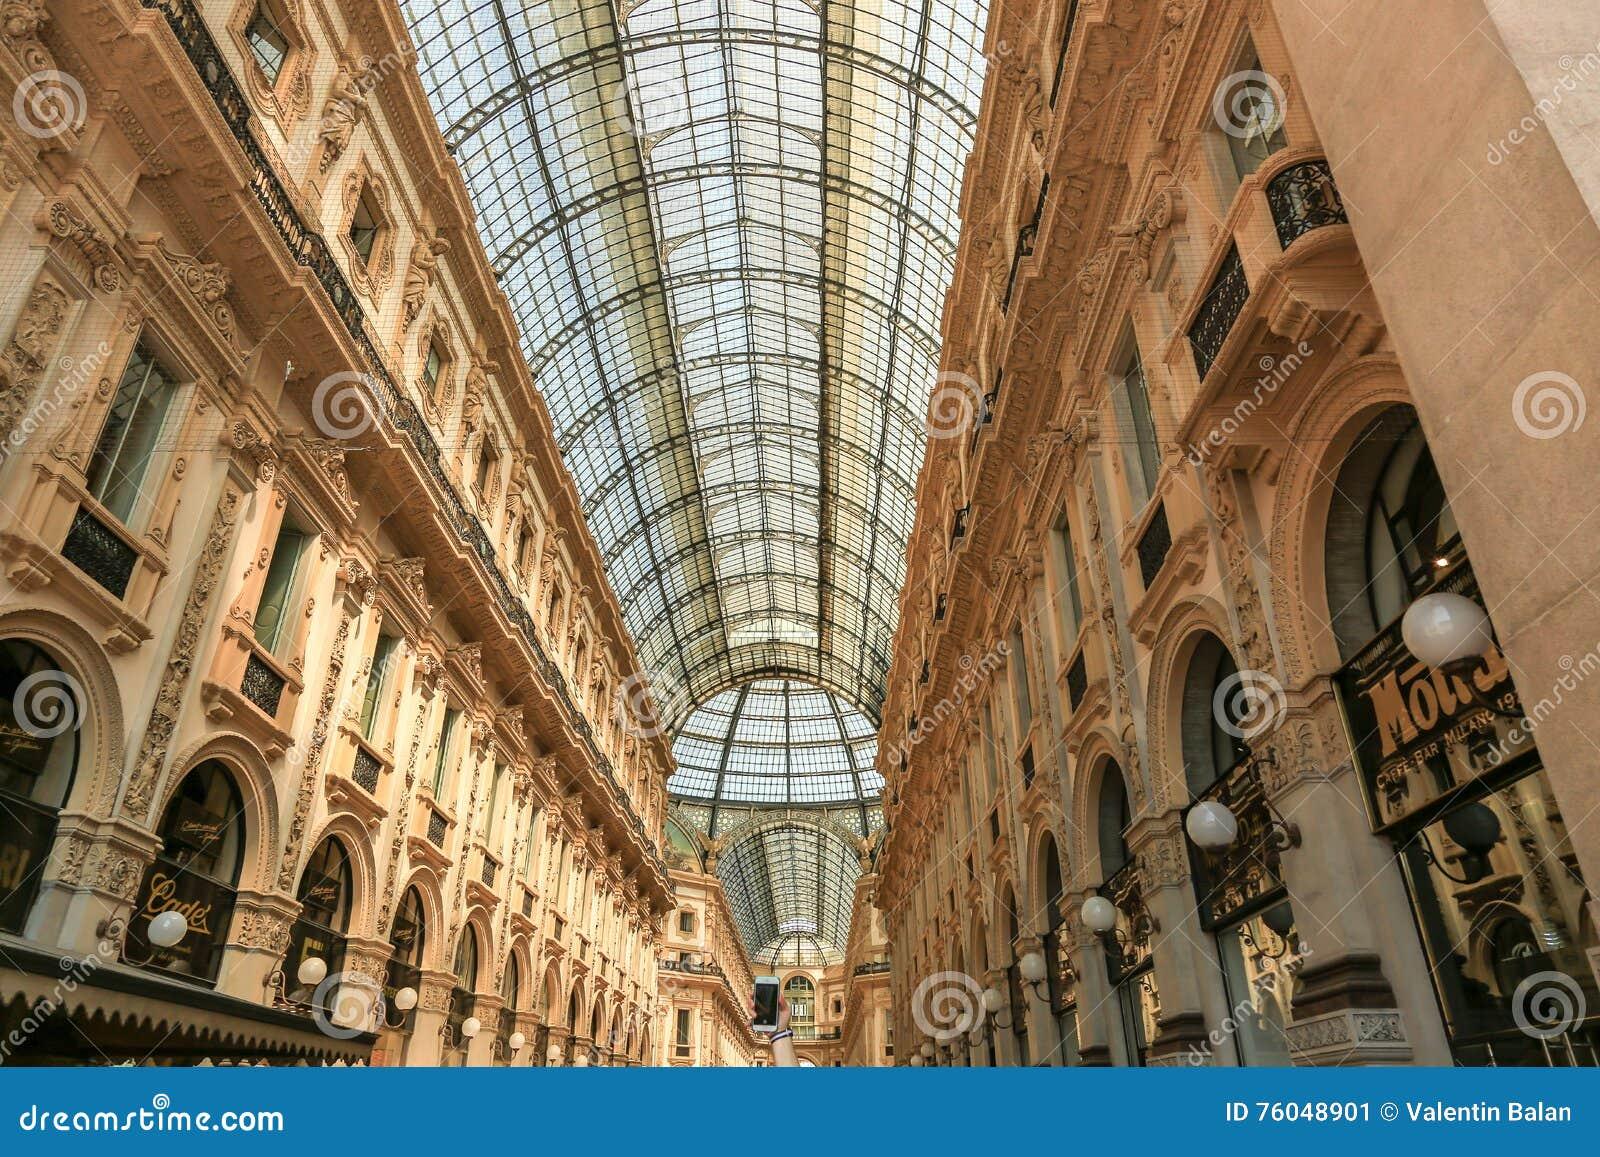 Galeria de Vittorio Emanuele II Milão, Itália